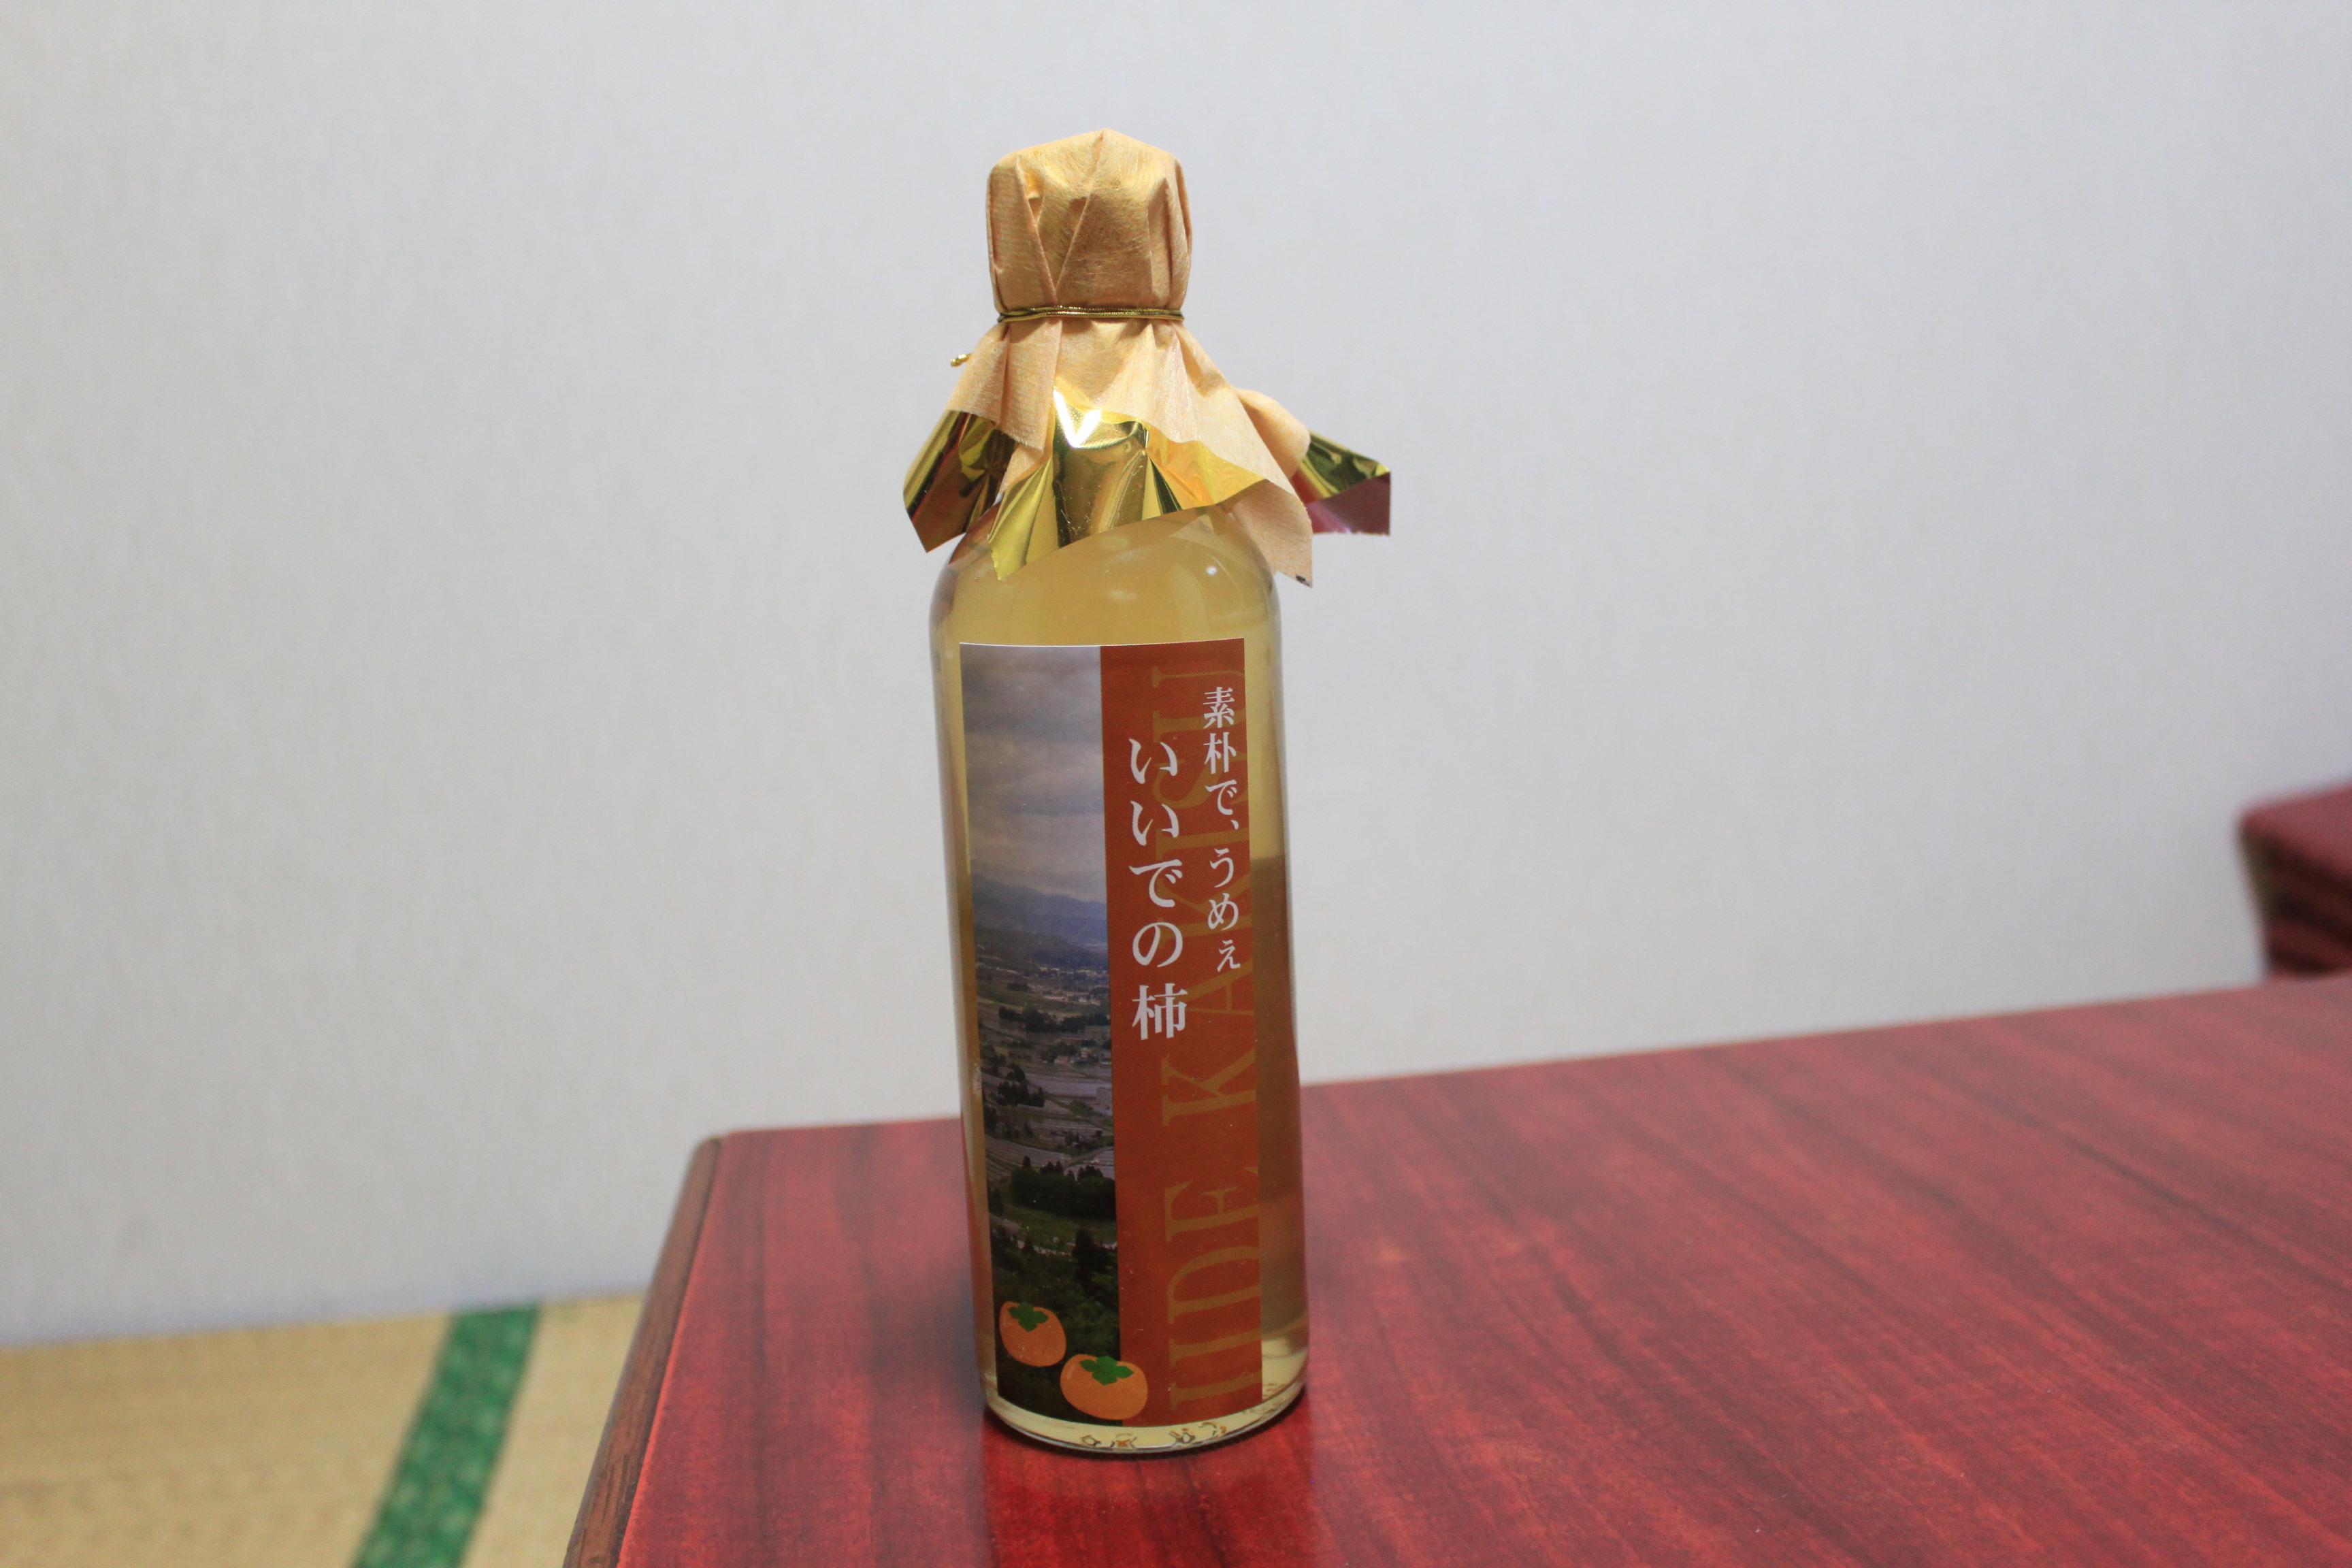 飯豊の飲む柿酢:画像